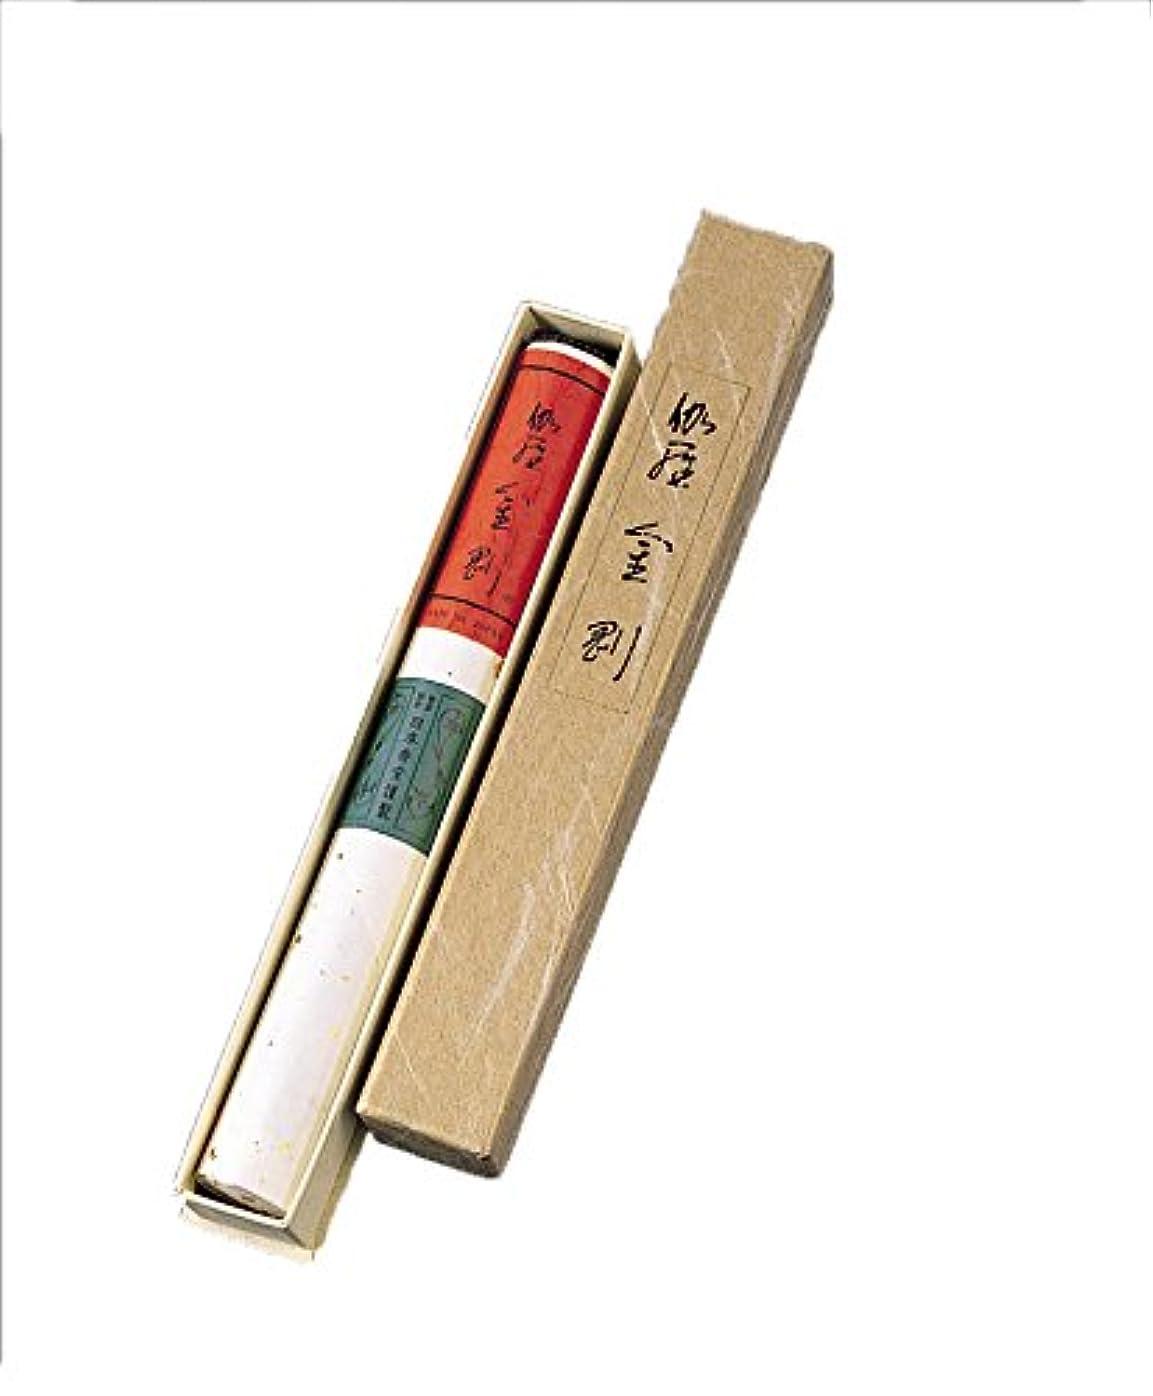 応答ギャップきれいにNippon Kodo – Kyara Kongo – 選択したAloeswood Long Stick Incense 100 Sticks